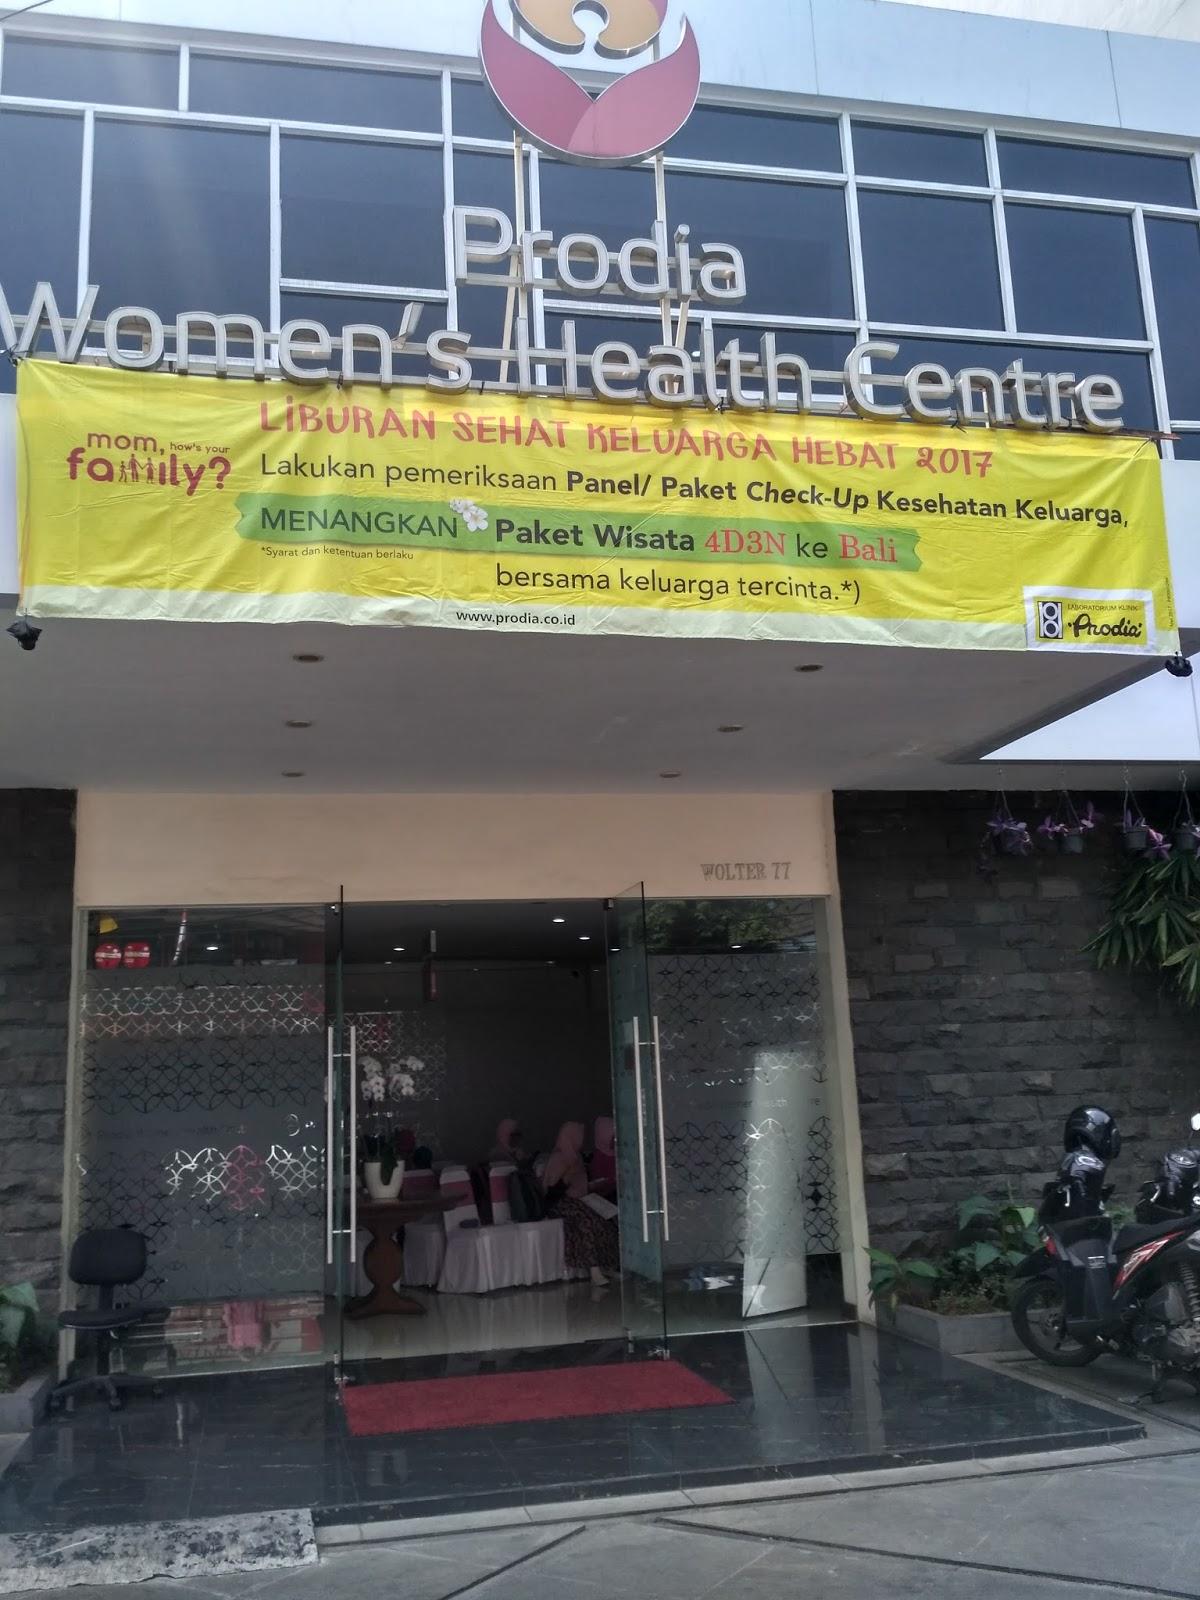 Pwhc Klinik Layanan Kesehatan Khusus Perempuan Ria Bilqis Medical Check Up Wanita Sehat Lengkap